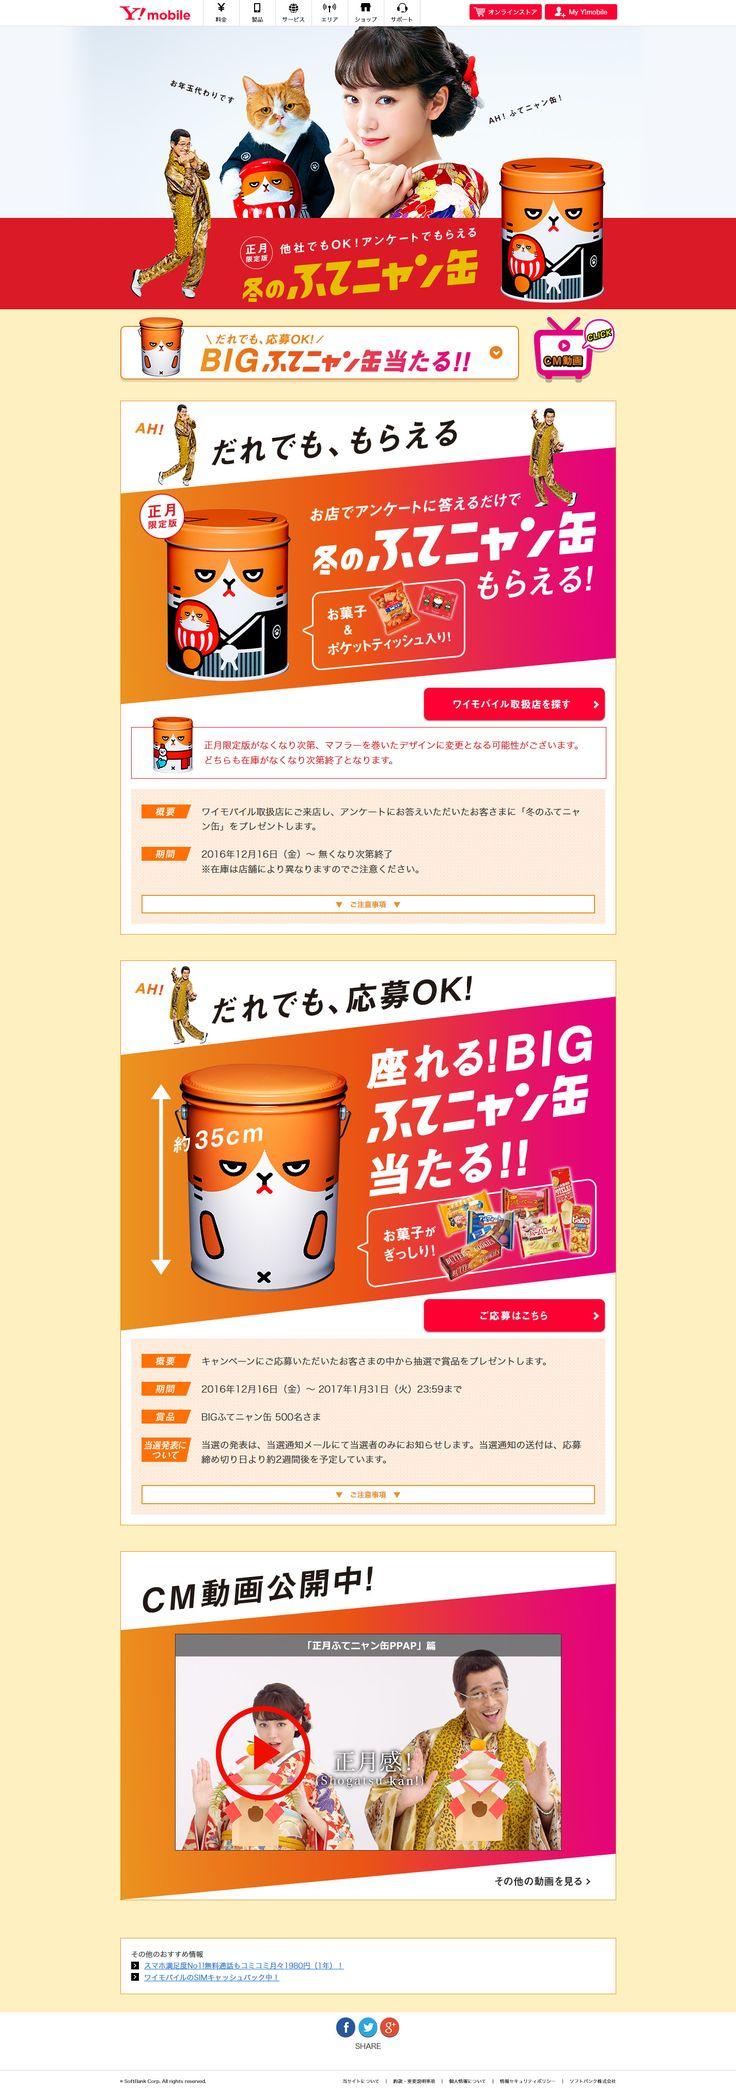 冬のふてニャン缶がもらえる!BIGふてニャン缶が当たる! Y!mobile http://www.ymobile.jp/cp/wintercan/